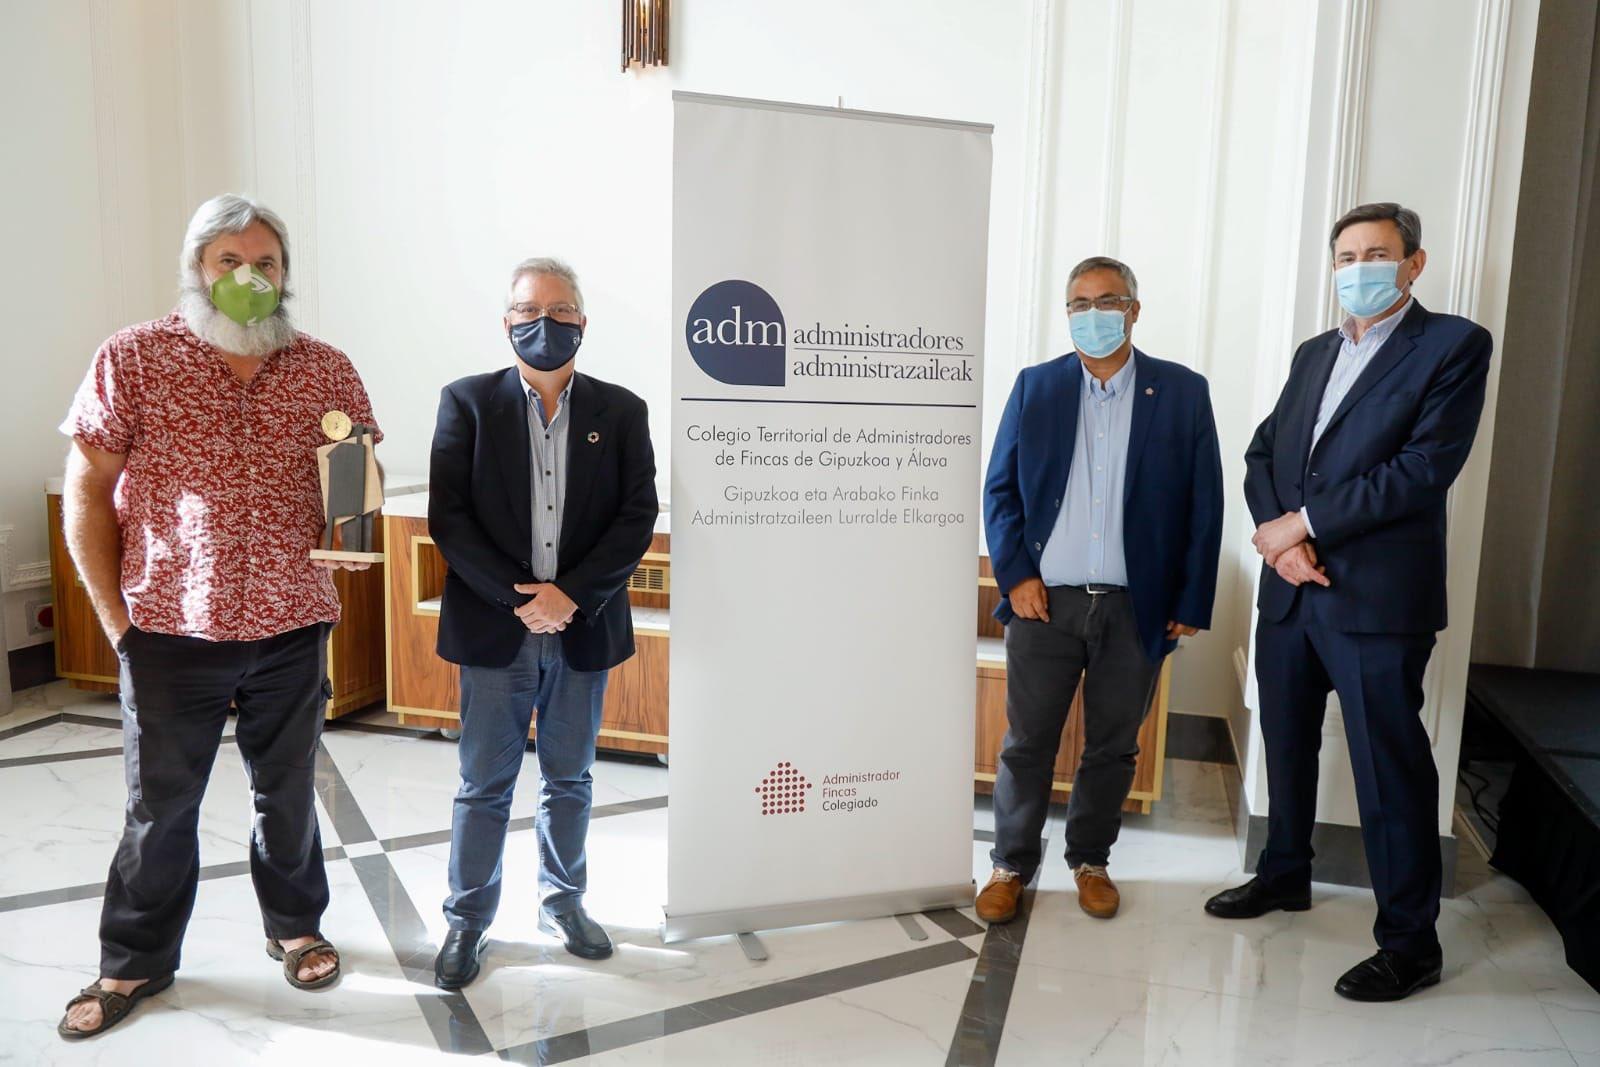 Foto: Presentación de los premios Ekieraikin